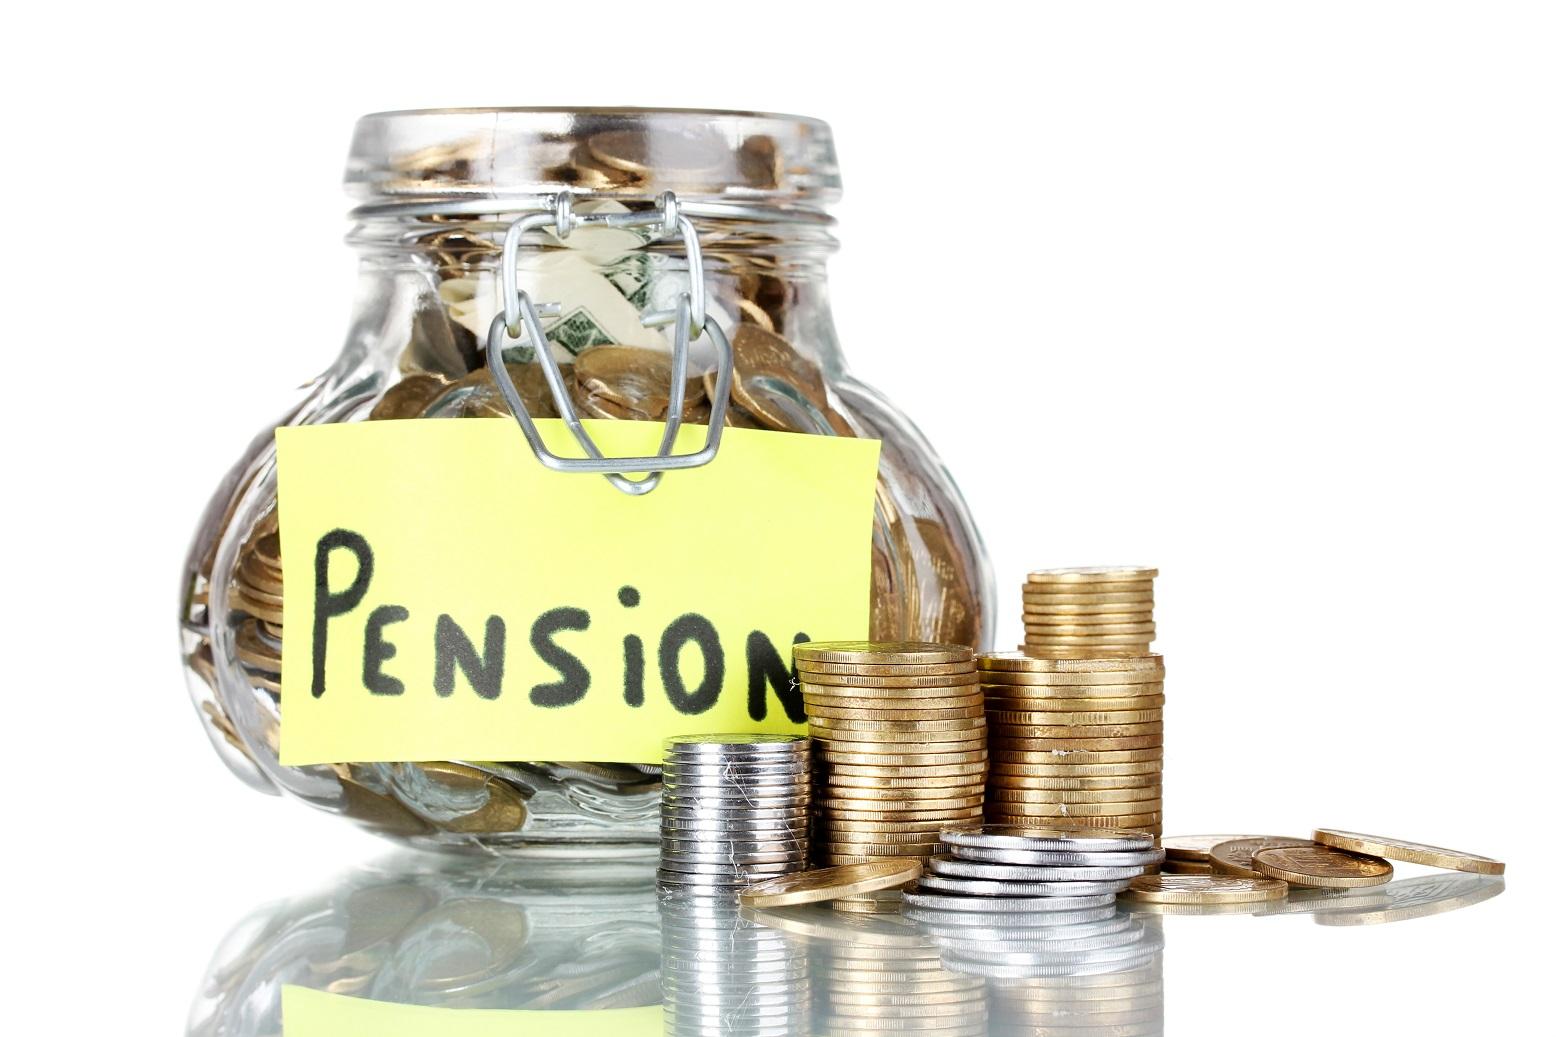 Agotarán 5 estados sus fondos para pensiones a más tardar en 2025